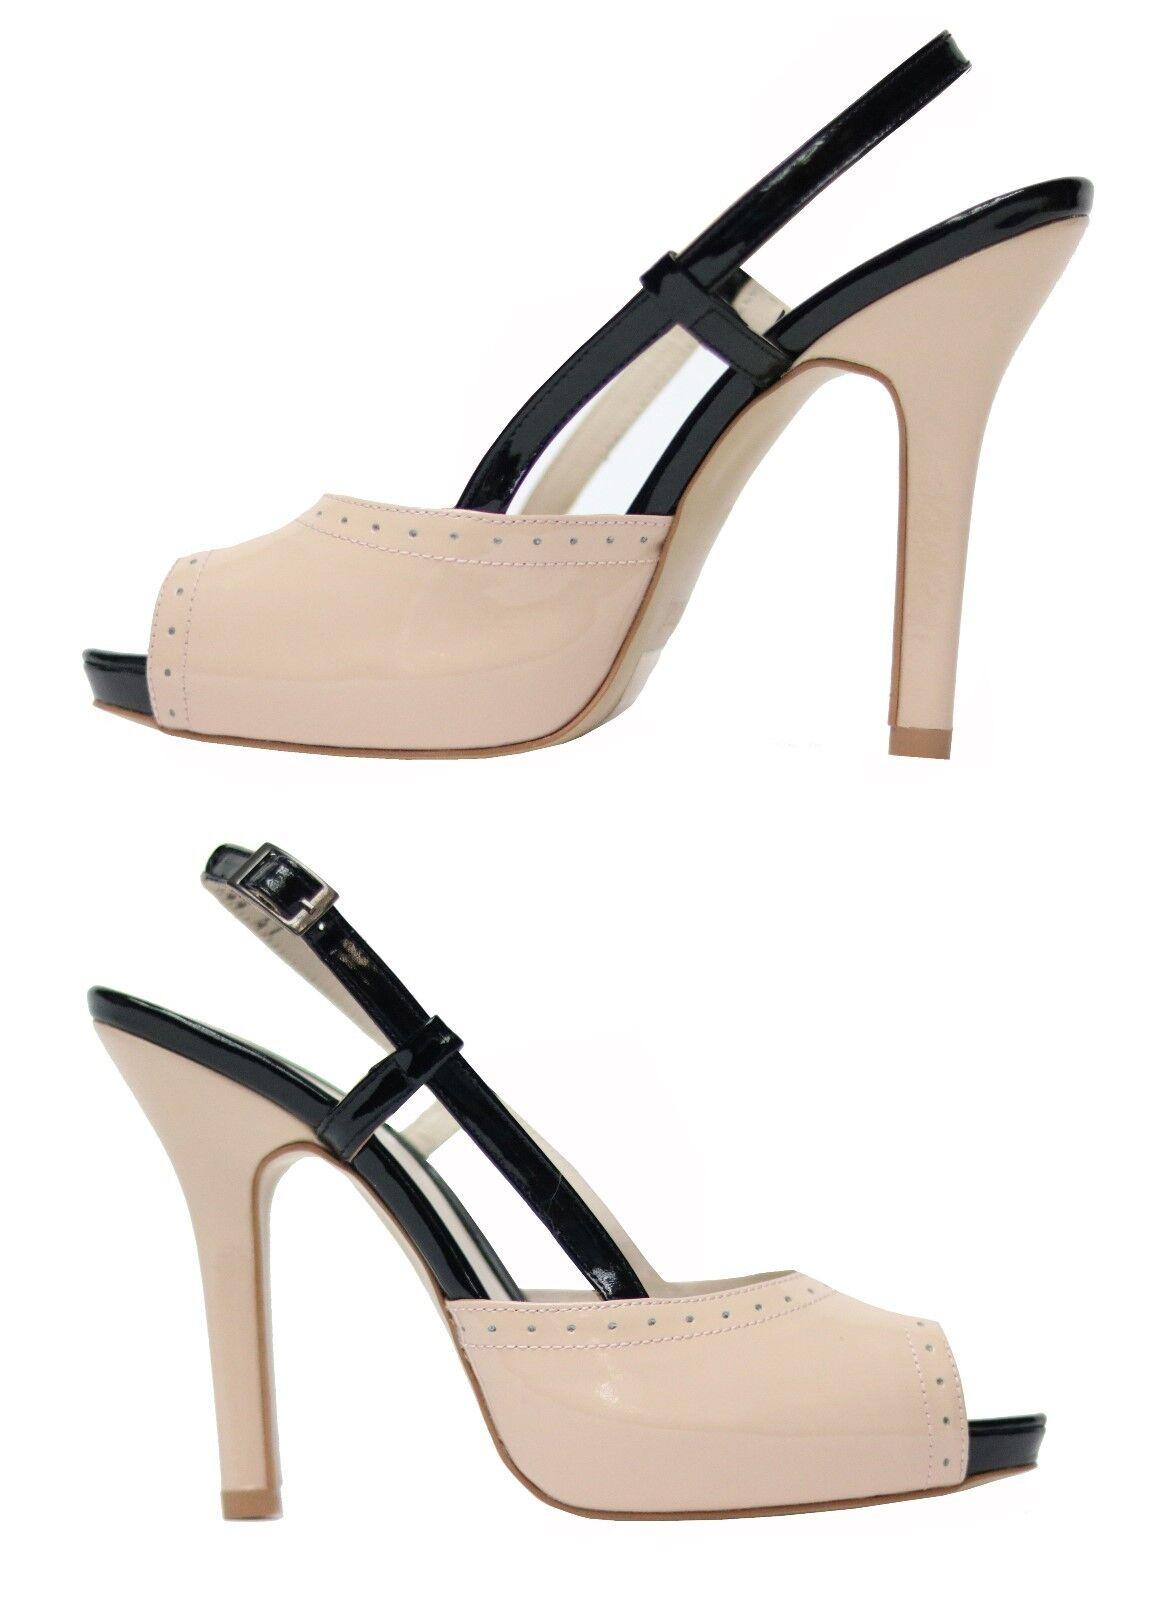 economico online Muga scarpe donna décolleté tg tg tg 37 Beige  per il tuo stile di gioco ai prezzi più bassi